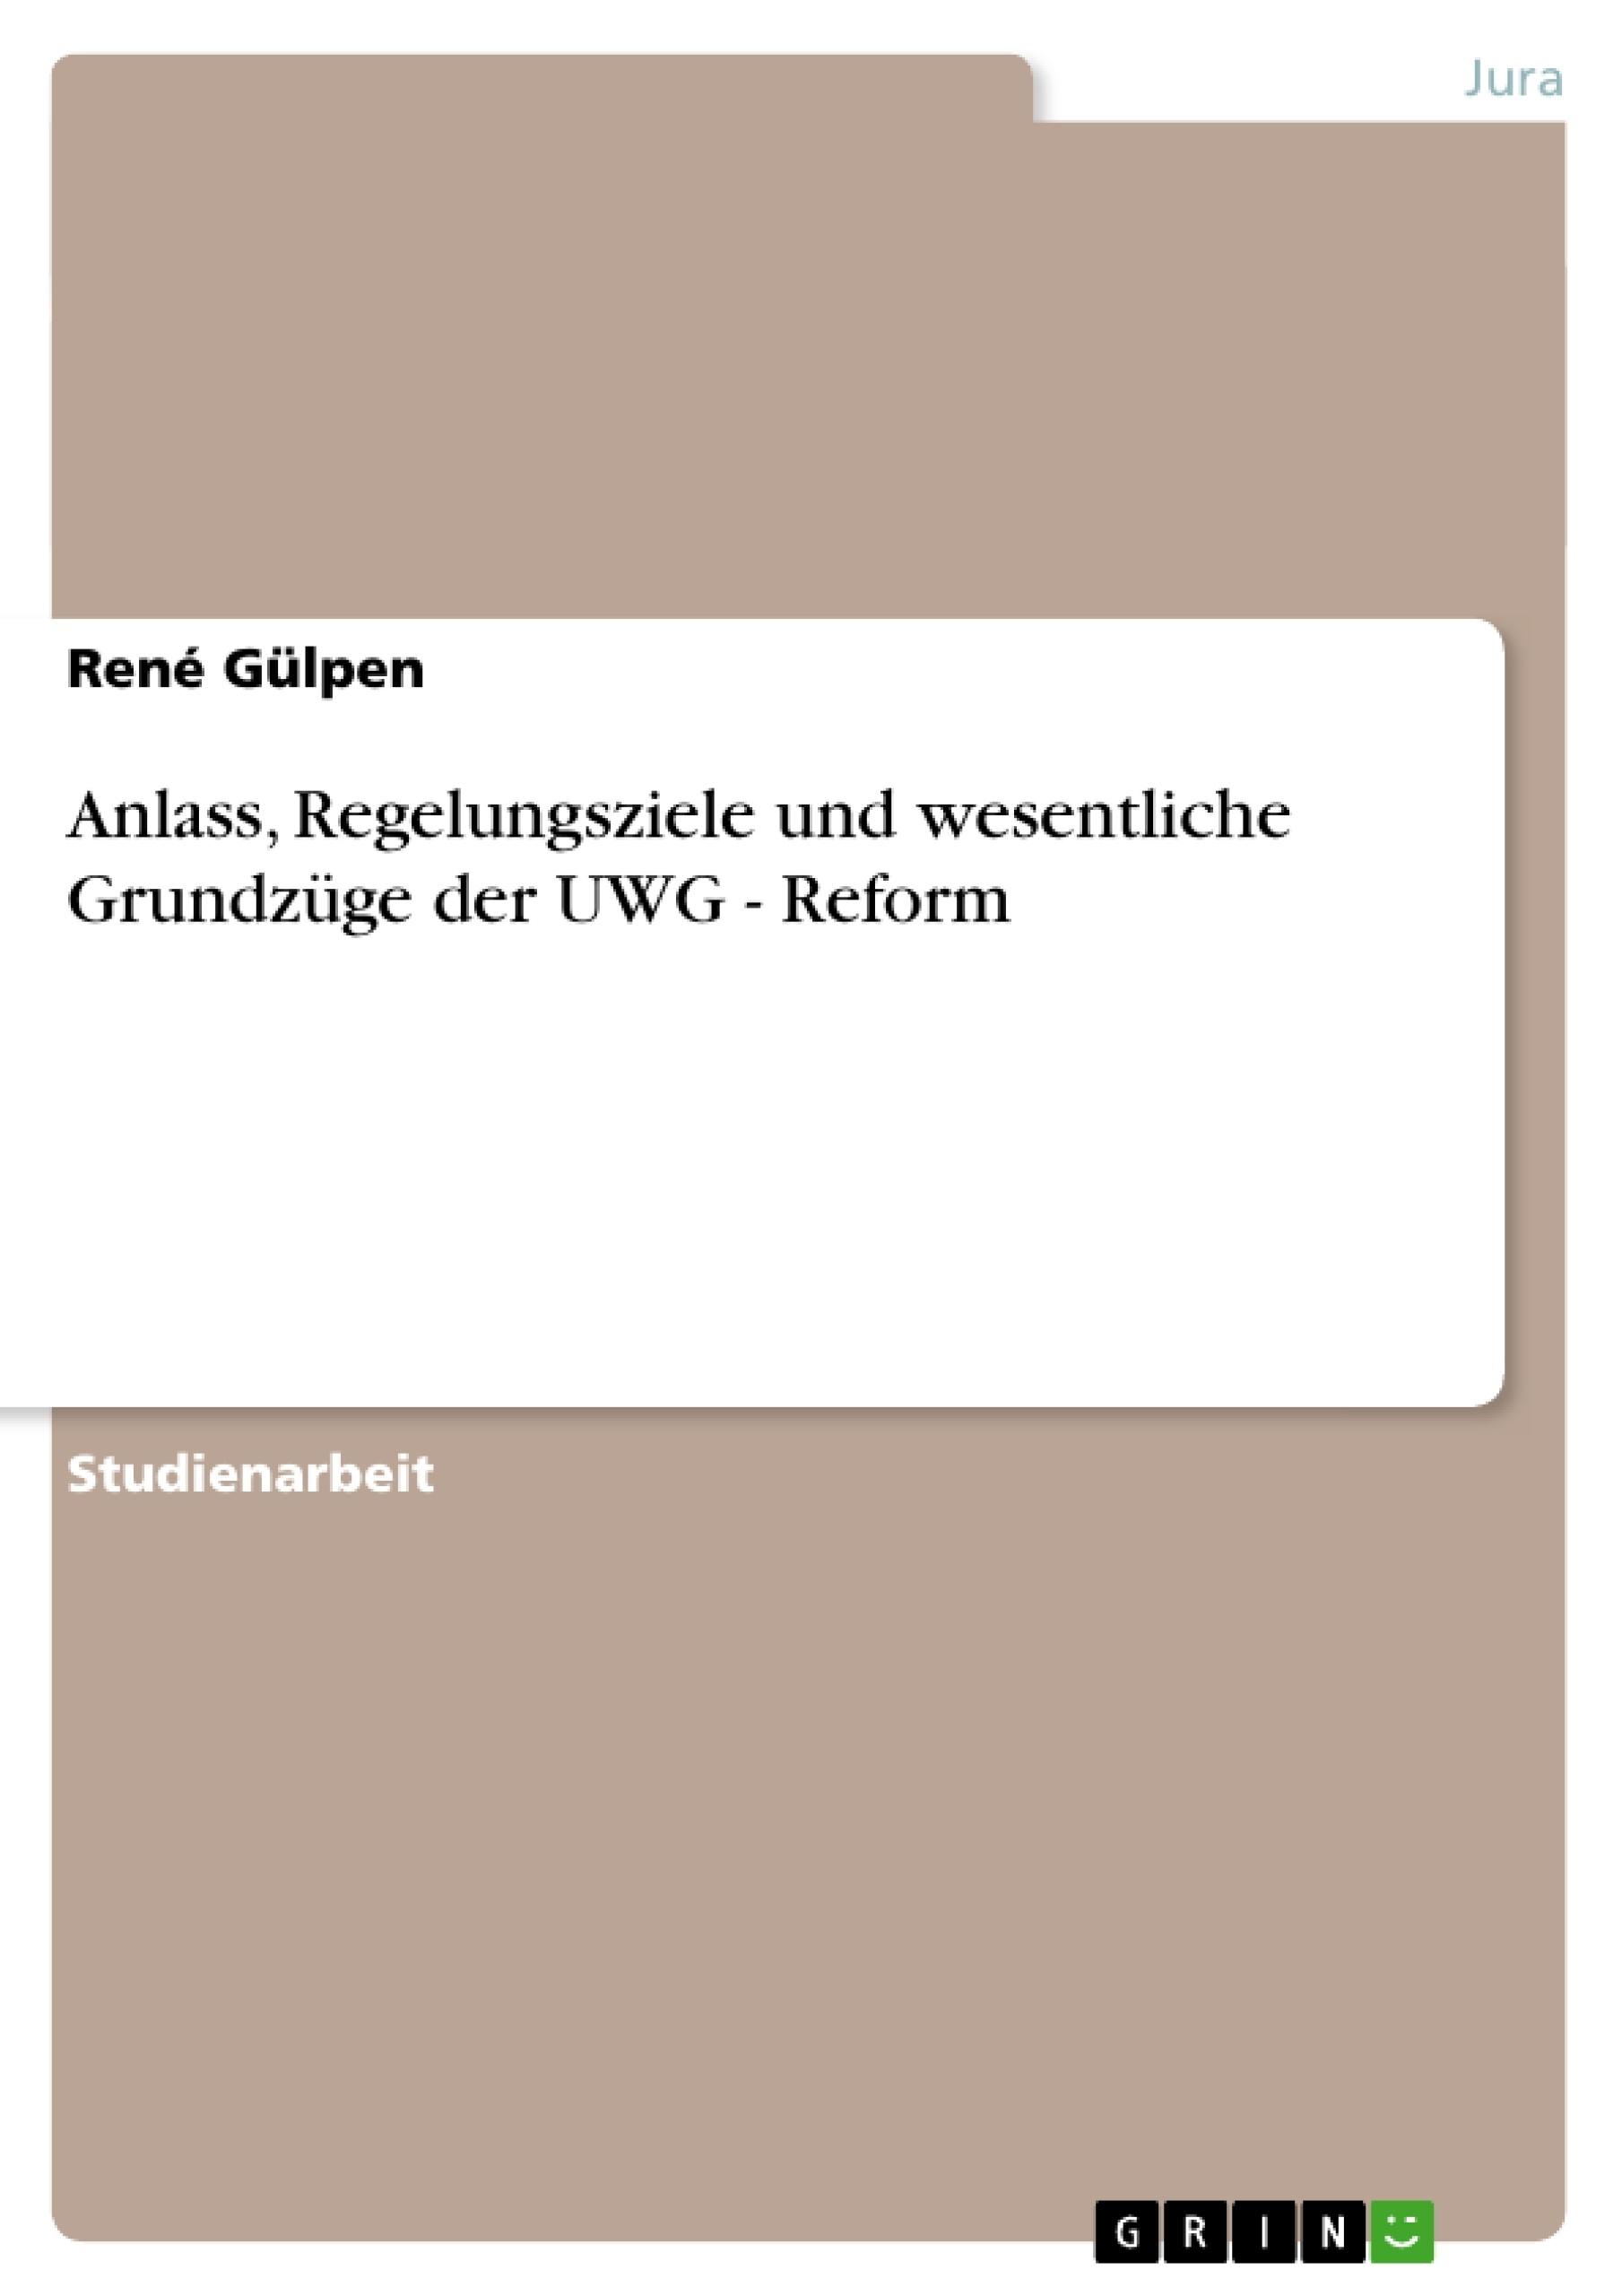 Titel: Anlass, Regelungsziele und wesentliche Grundzüge der UWG - Reform